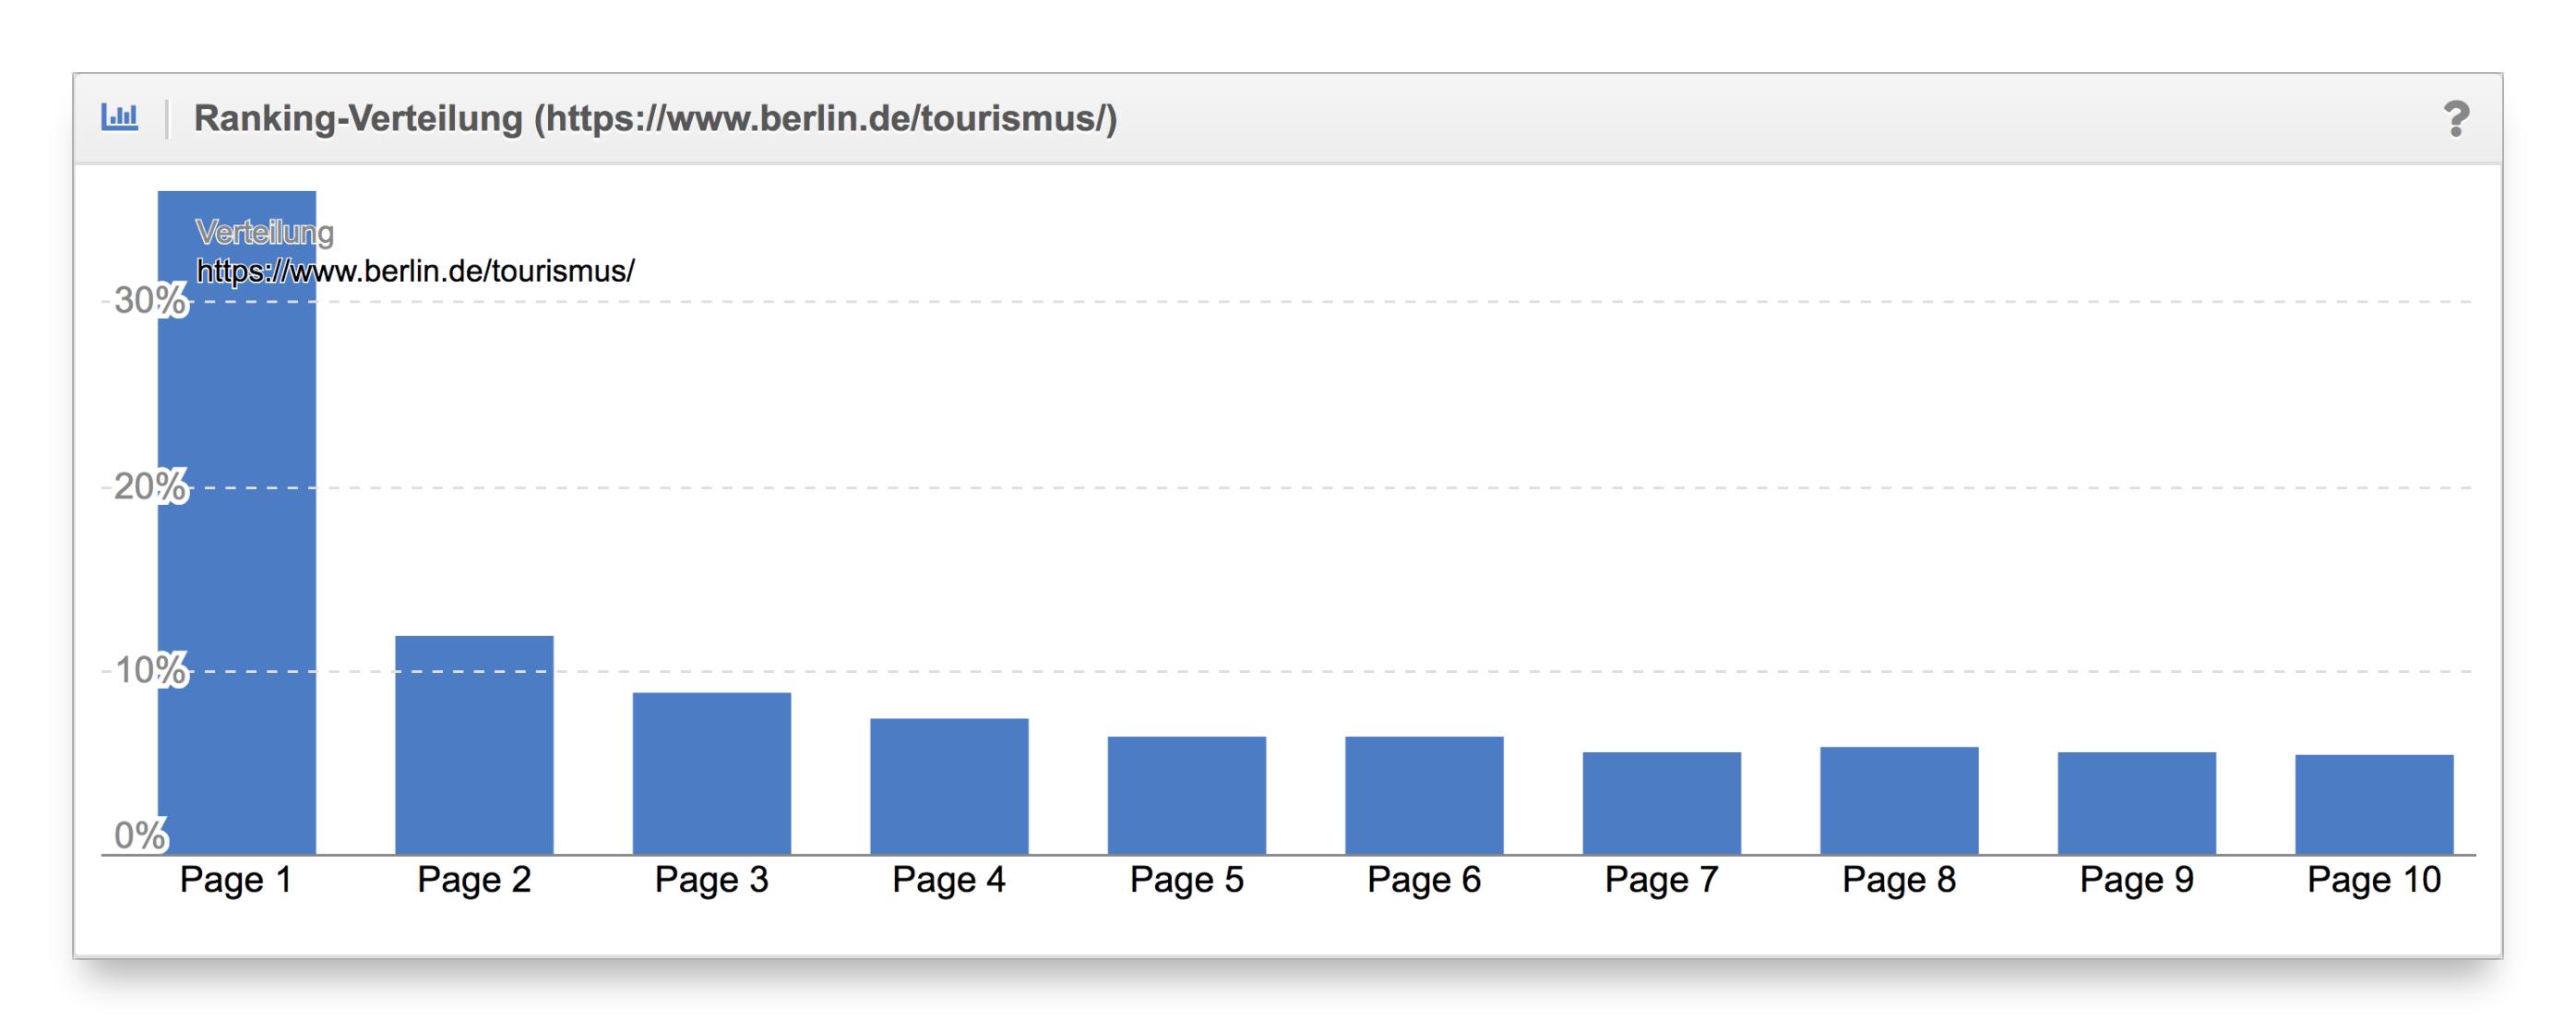 Vergleich Ranking-Verteilung Content-Formate berlin.de